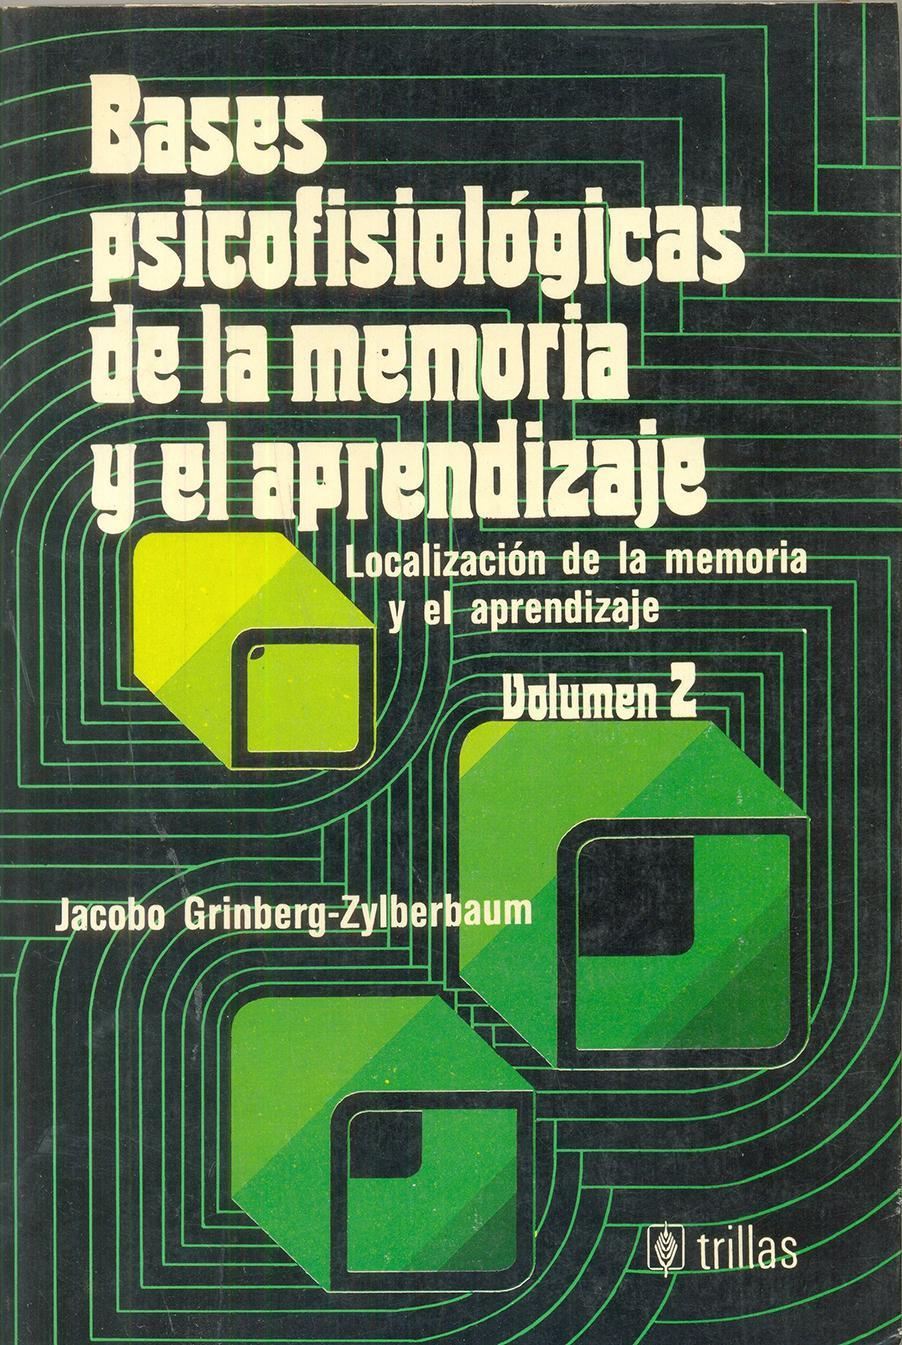 BASES PSICOFISIOLÓGICAS DE LA MEMORIA Y EL  APRENDIZAJE. Localización de la memoria y el aprendizaje Vol 2. Grinberg, J.